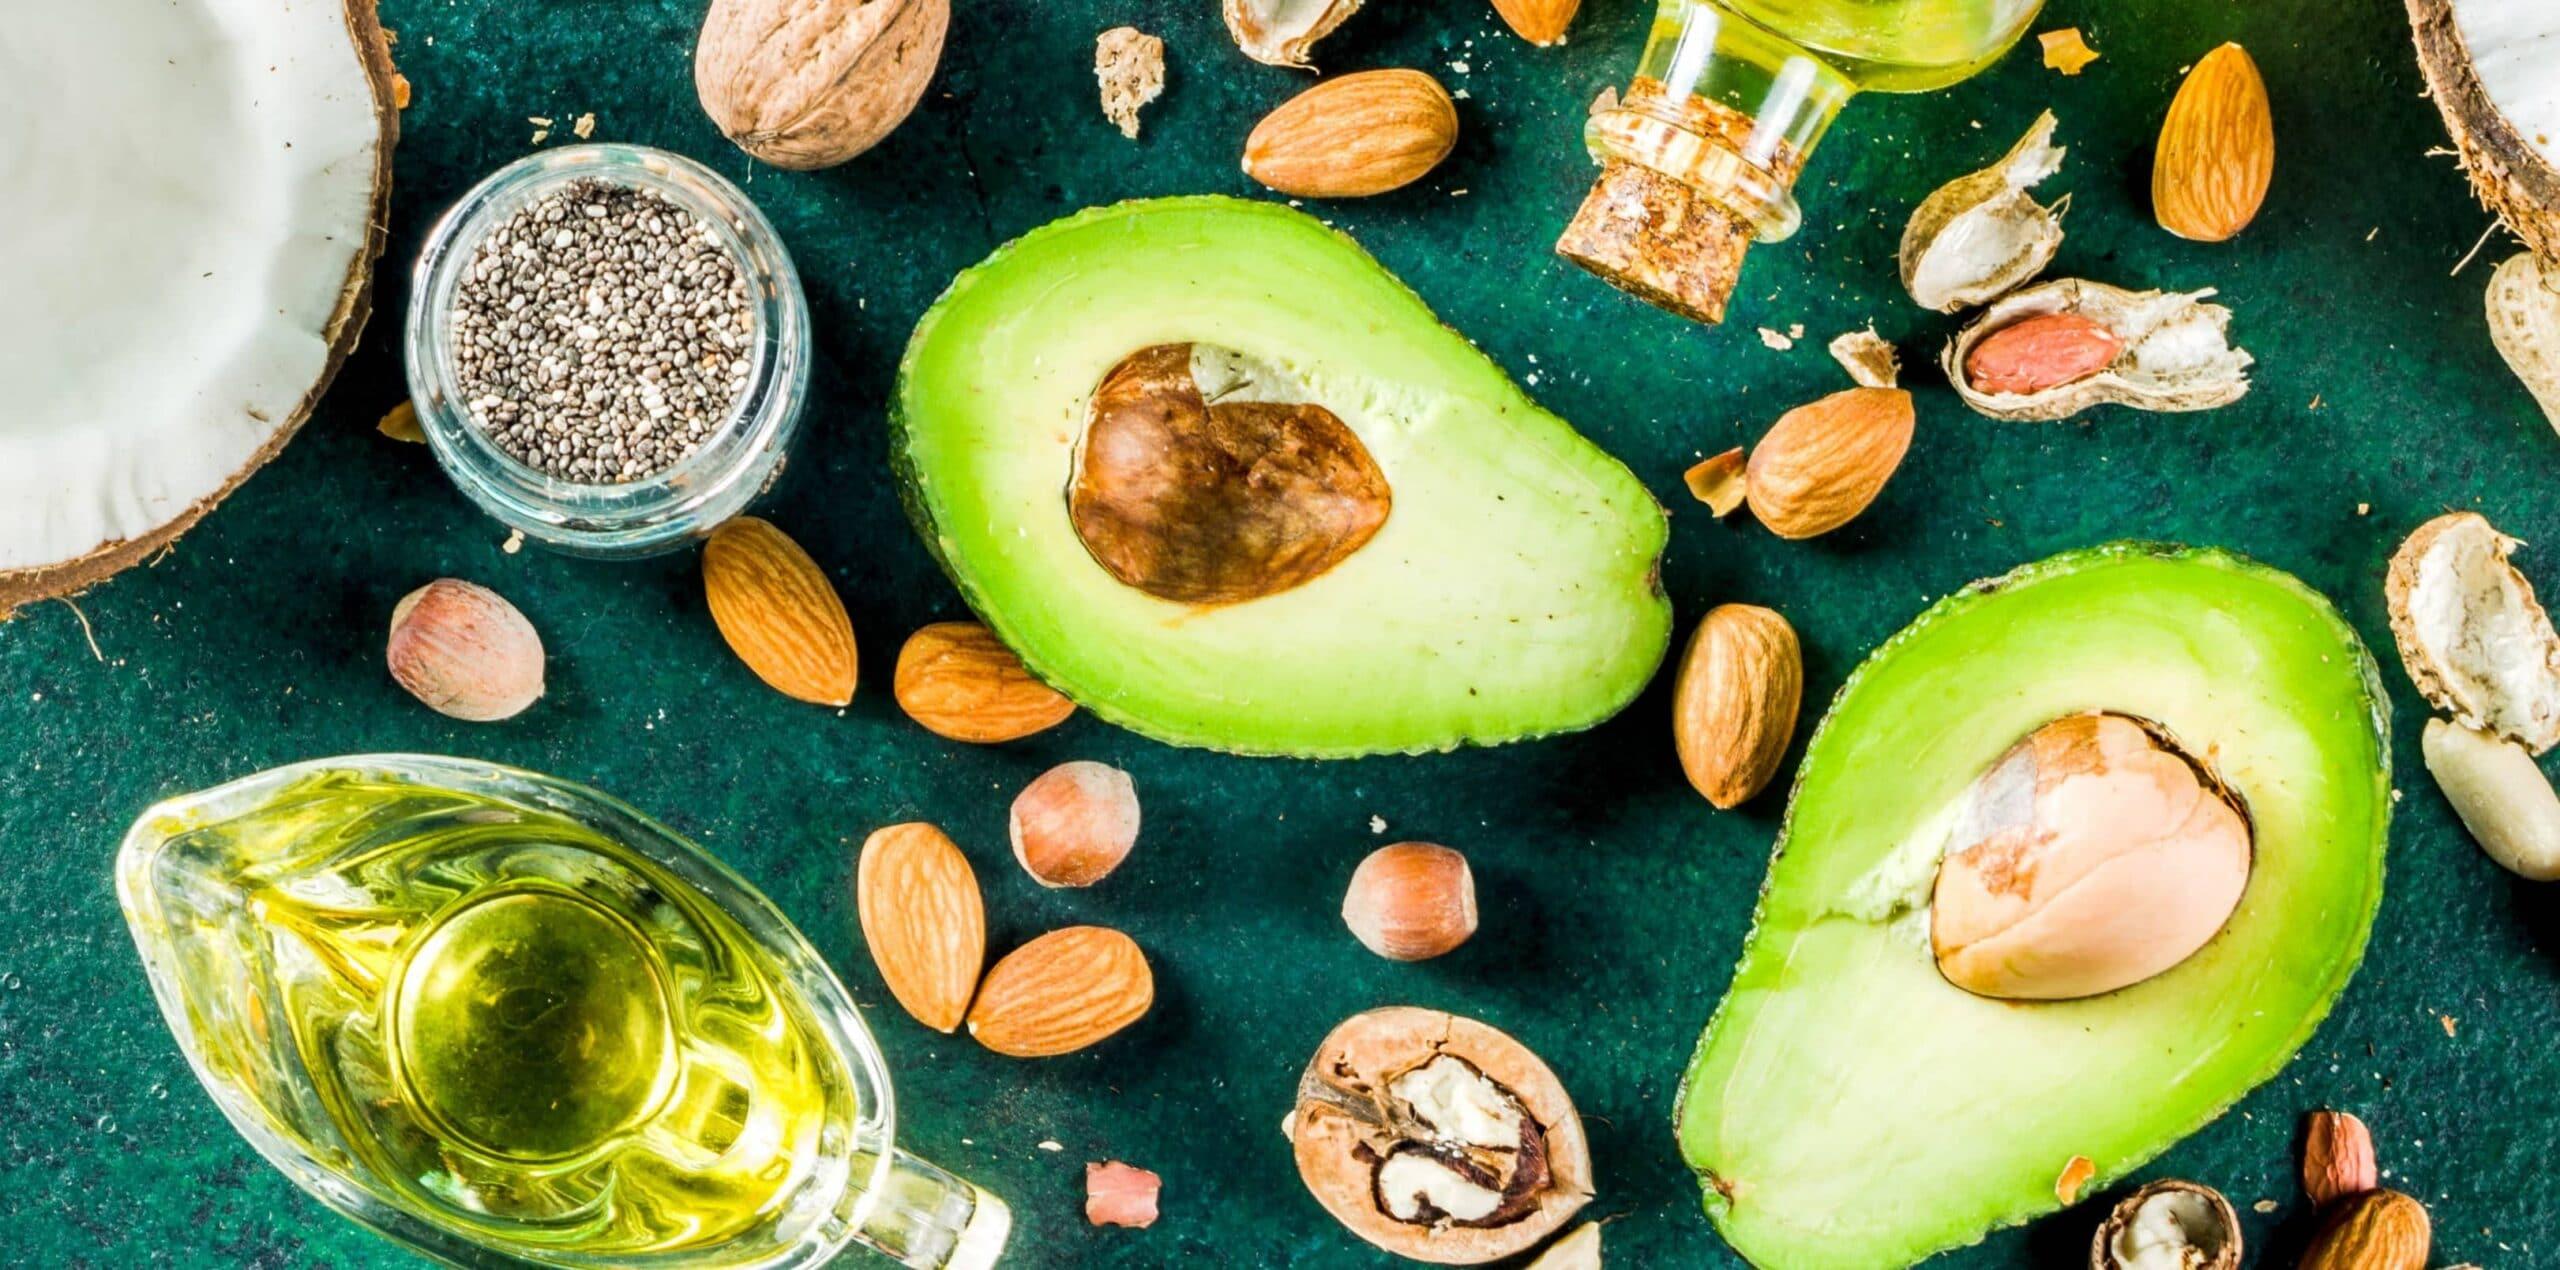 acidi grassi monoinsaturi nella dieta fanno bene